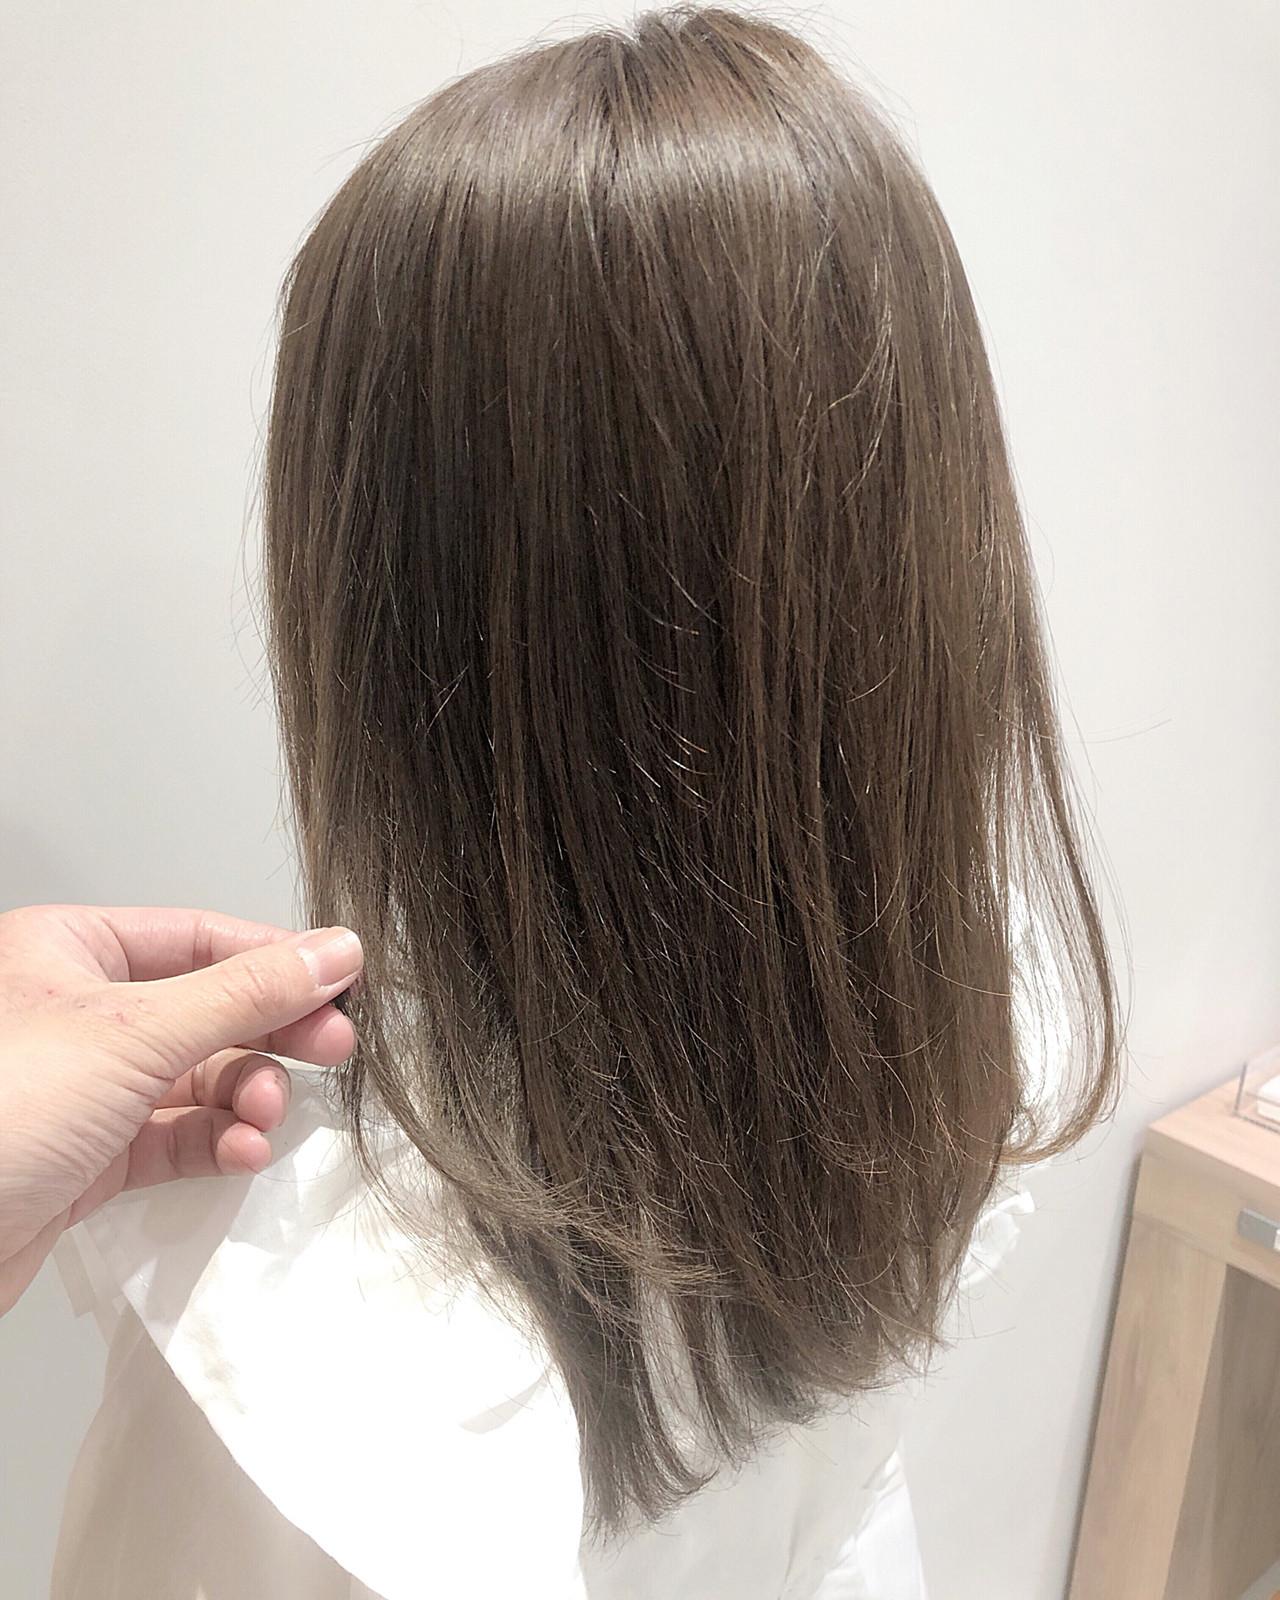 オフィス 簡単ヘアアレンジ アウトドア デートヘアスタイルや髪型の写真・画像